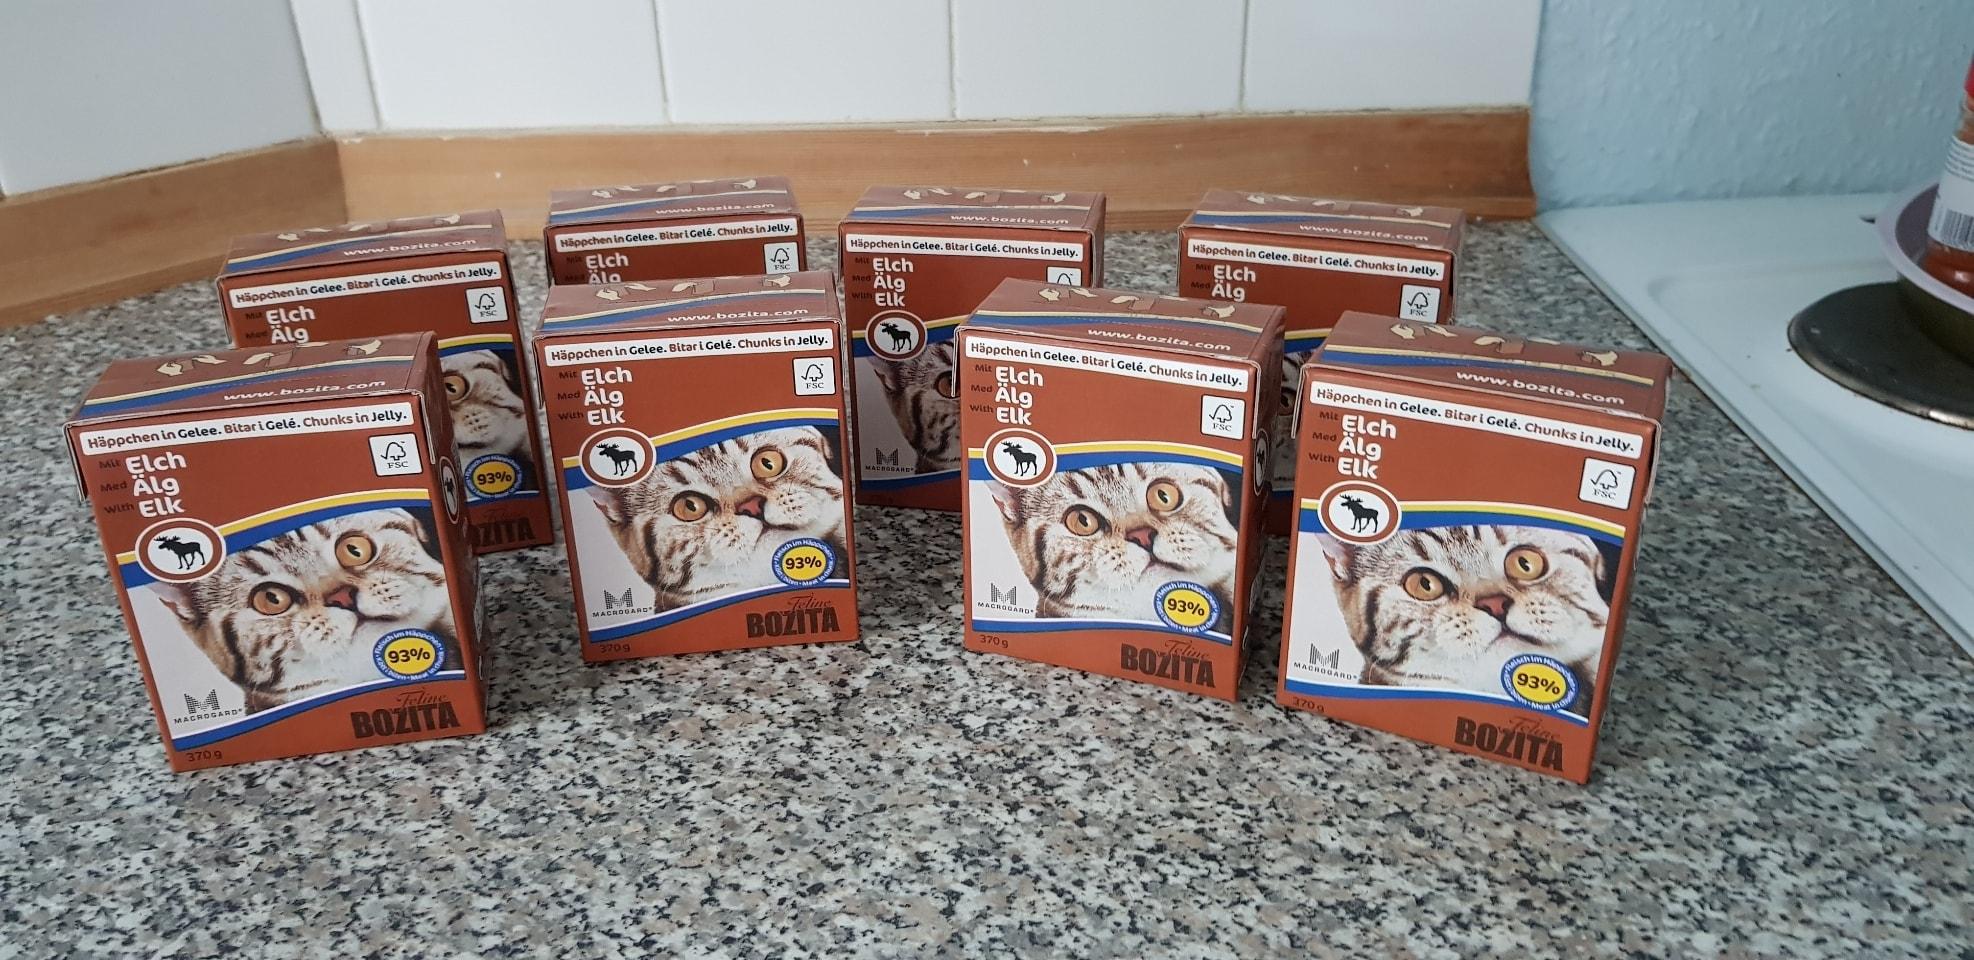 8 packs of Bozita cat food - elk chunks in jelly